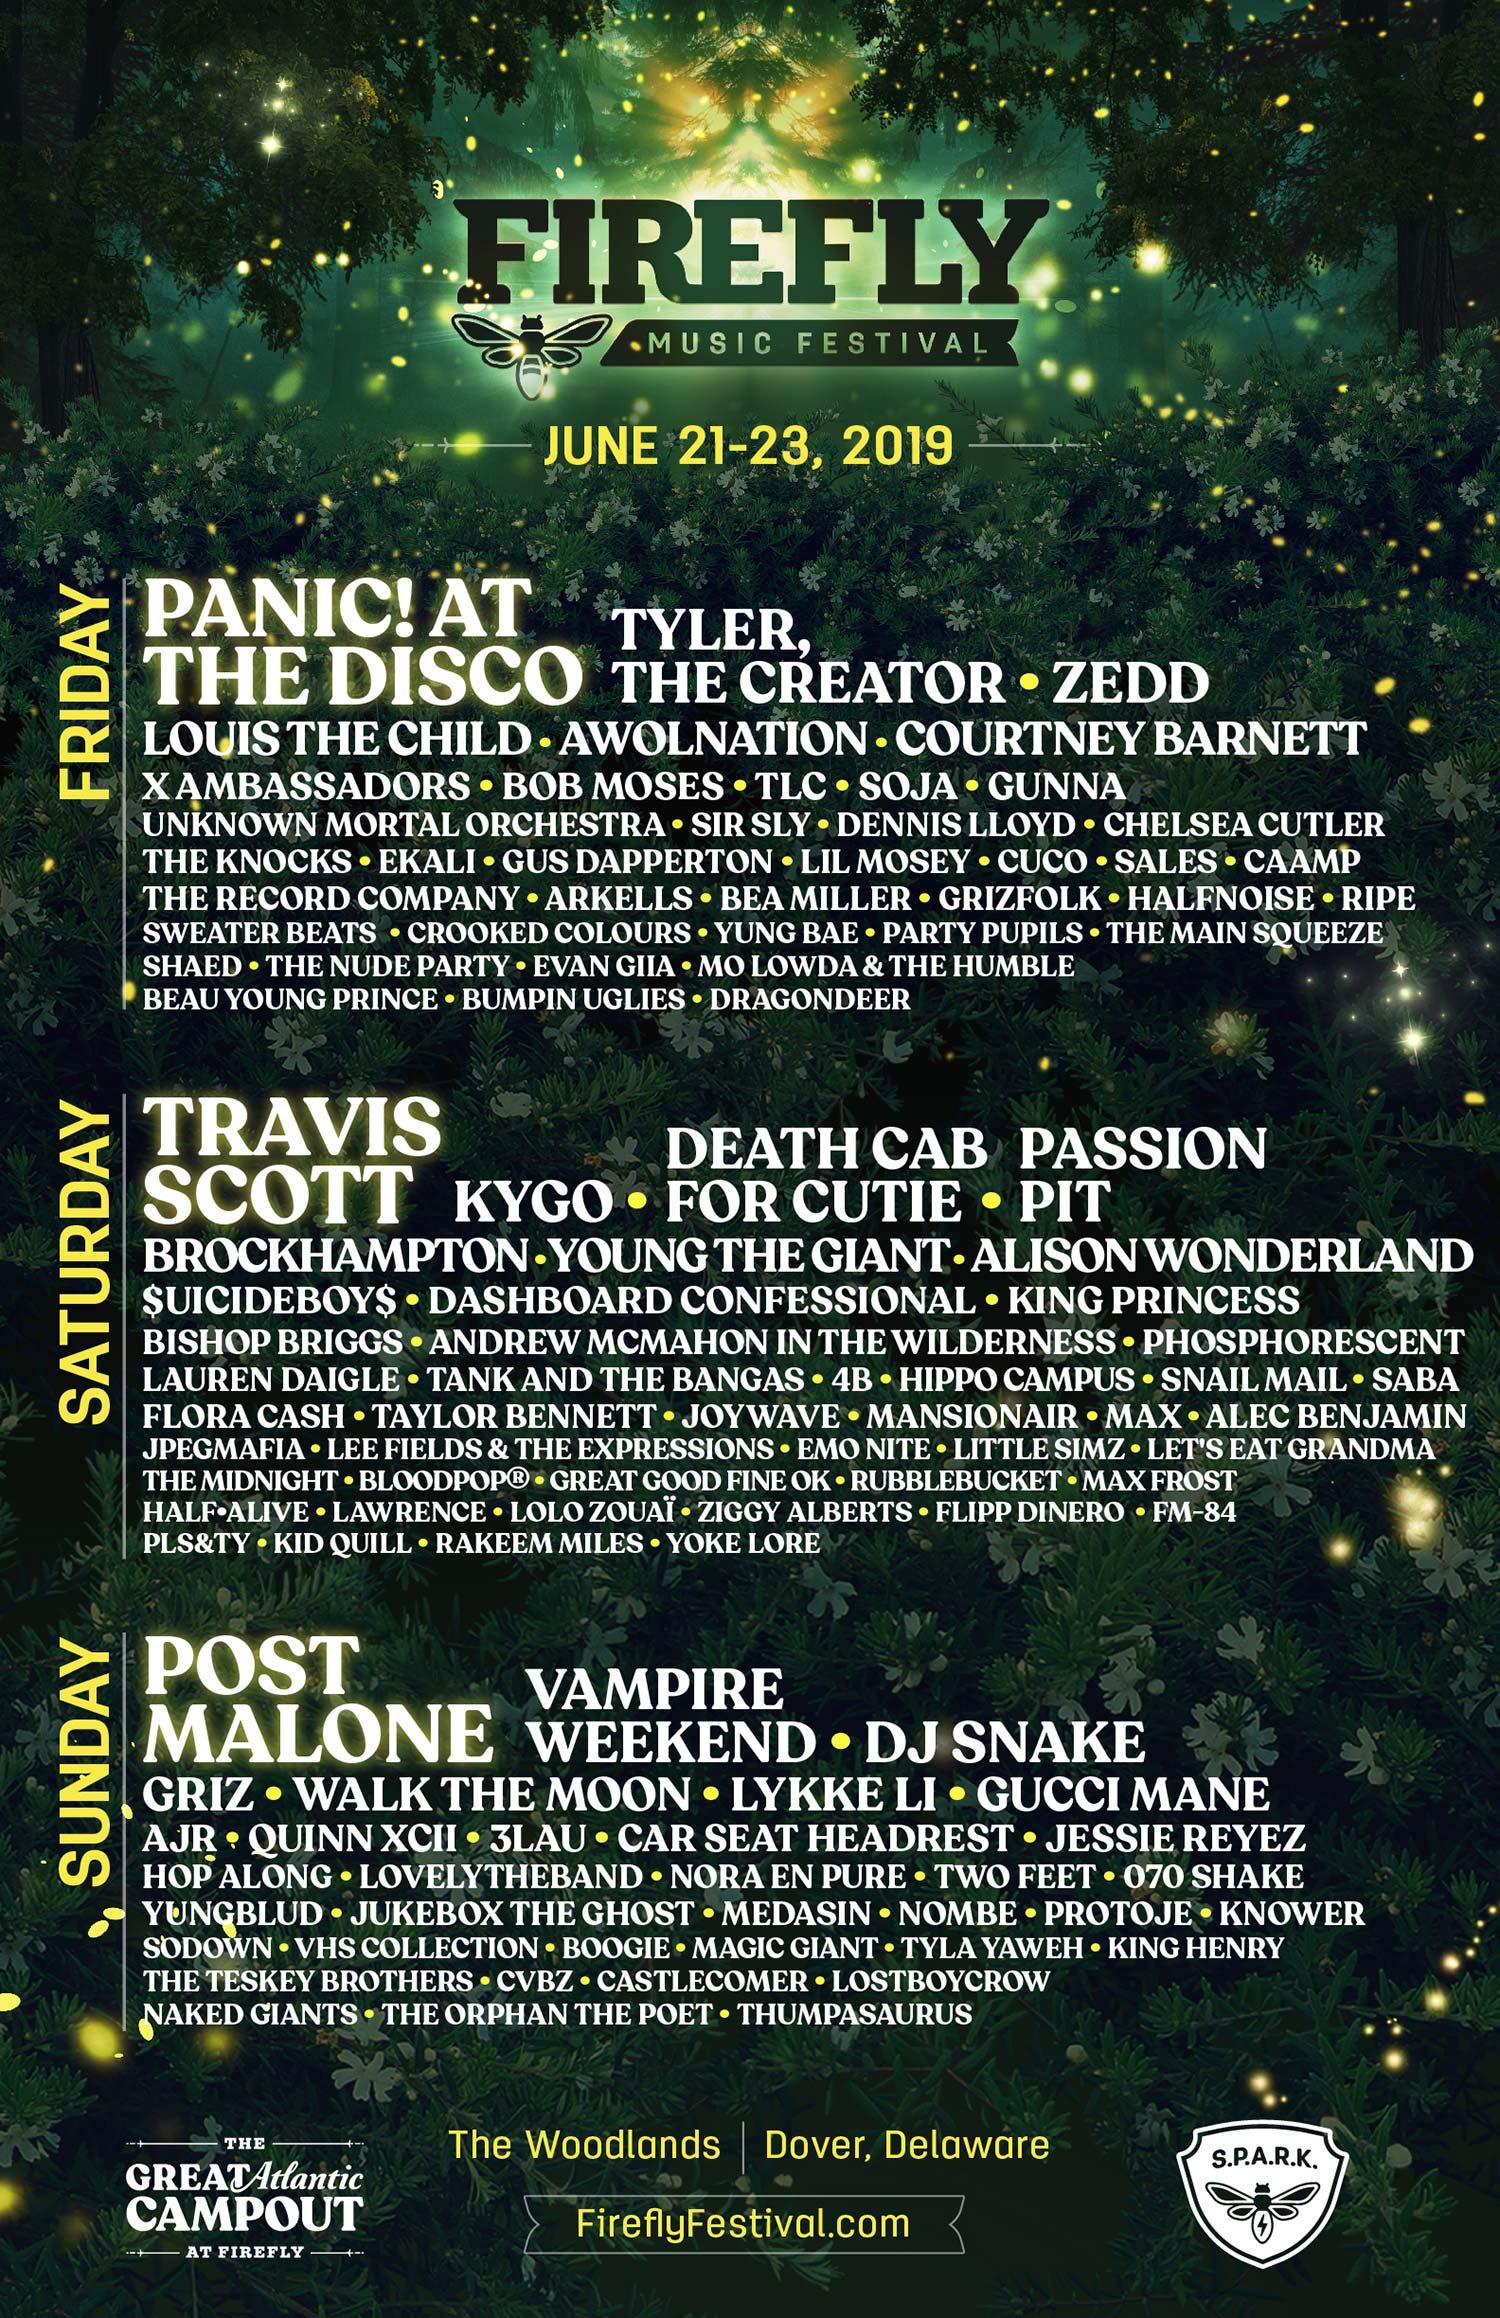 Firefly Music Festival 2019 poster